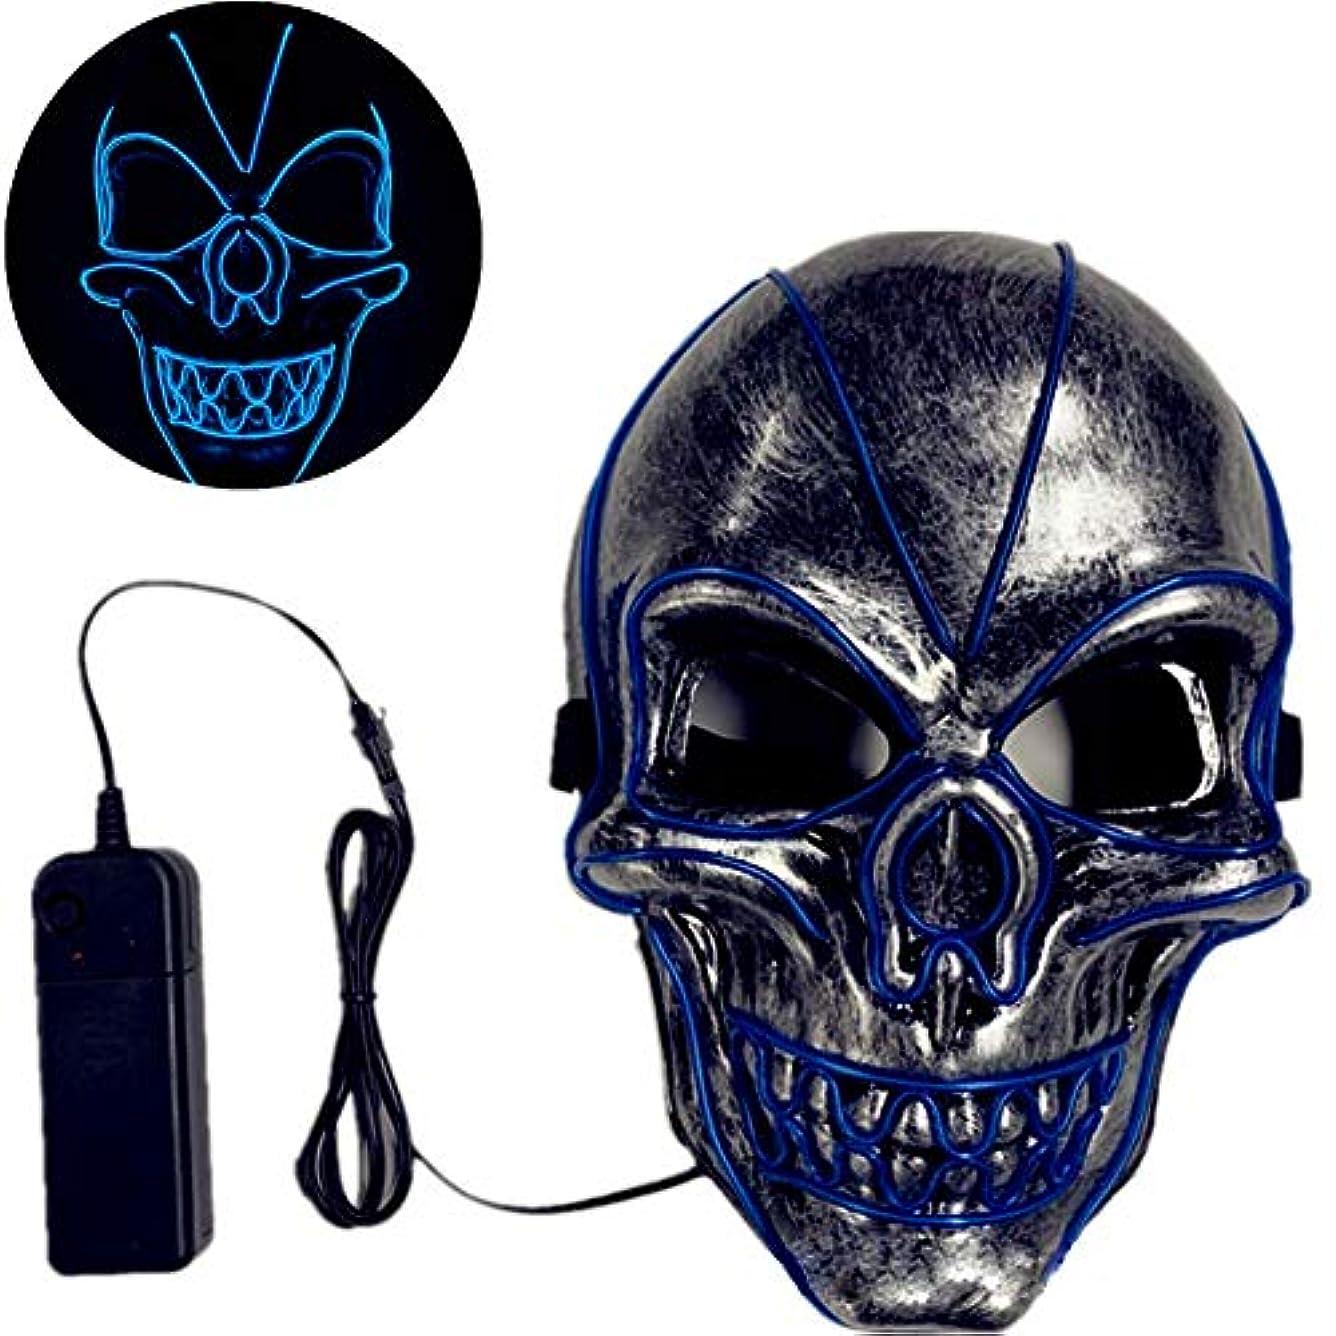 ボックス電気技師迷路テーマパーティー、カーニバル、ハロウィーン、レイブパーティー、仮面舞踏会などに適したハロウィーンマスク、LEDマスク,Blue